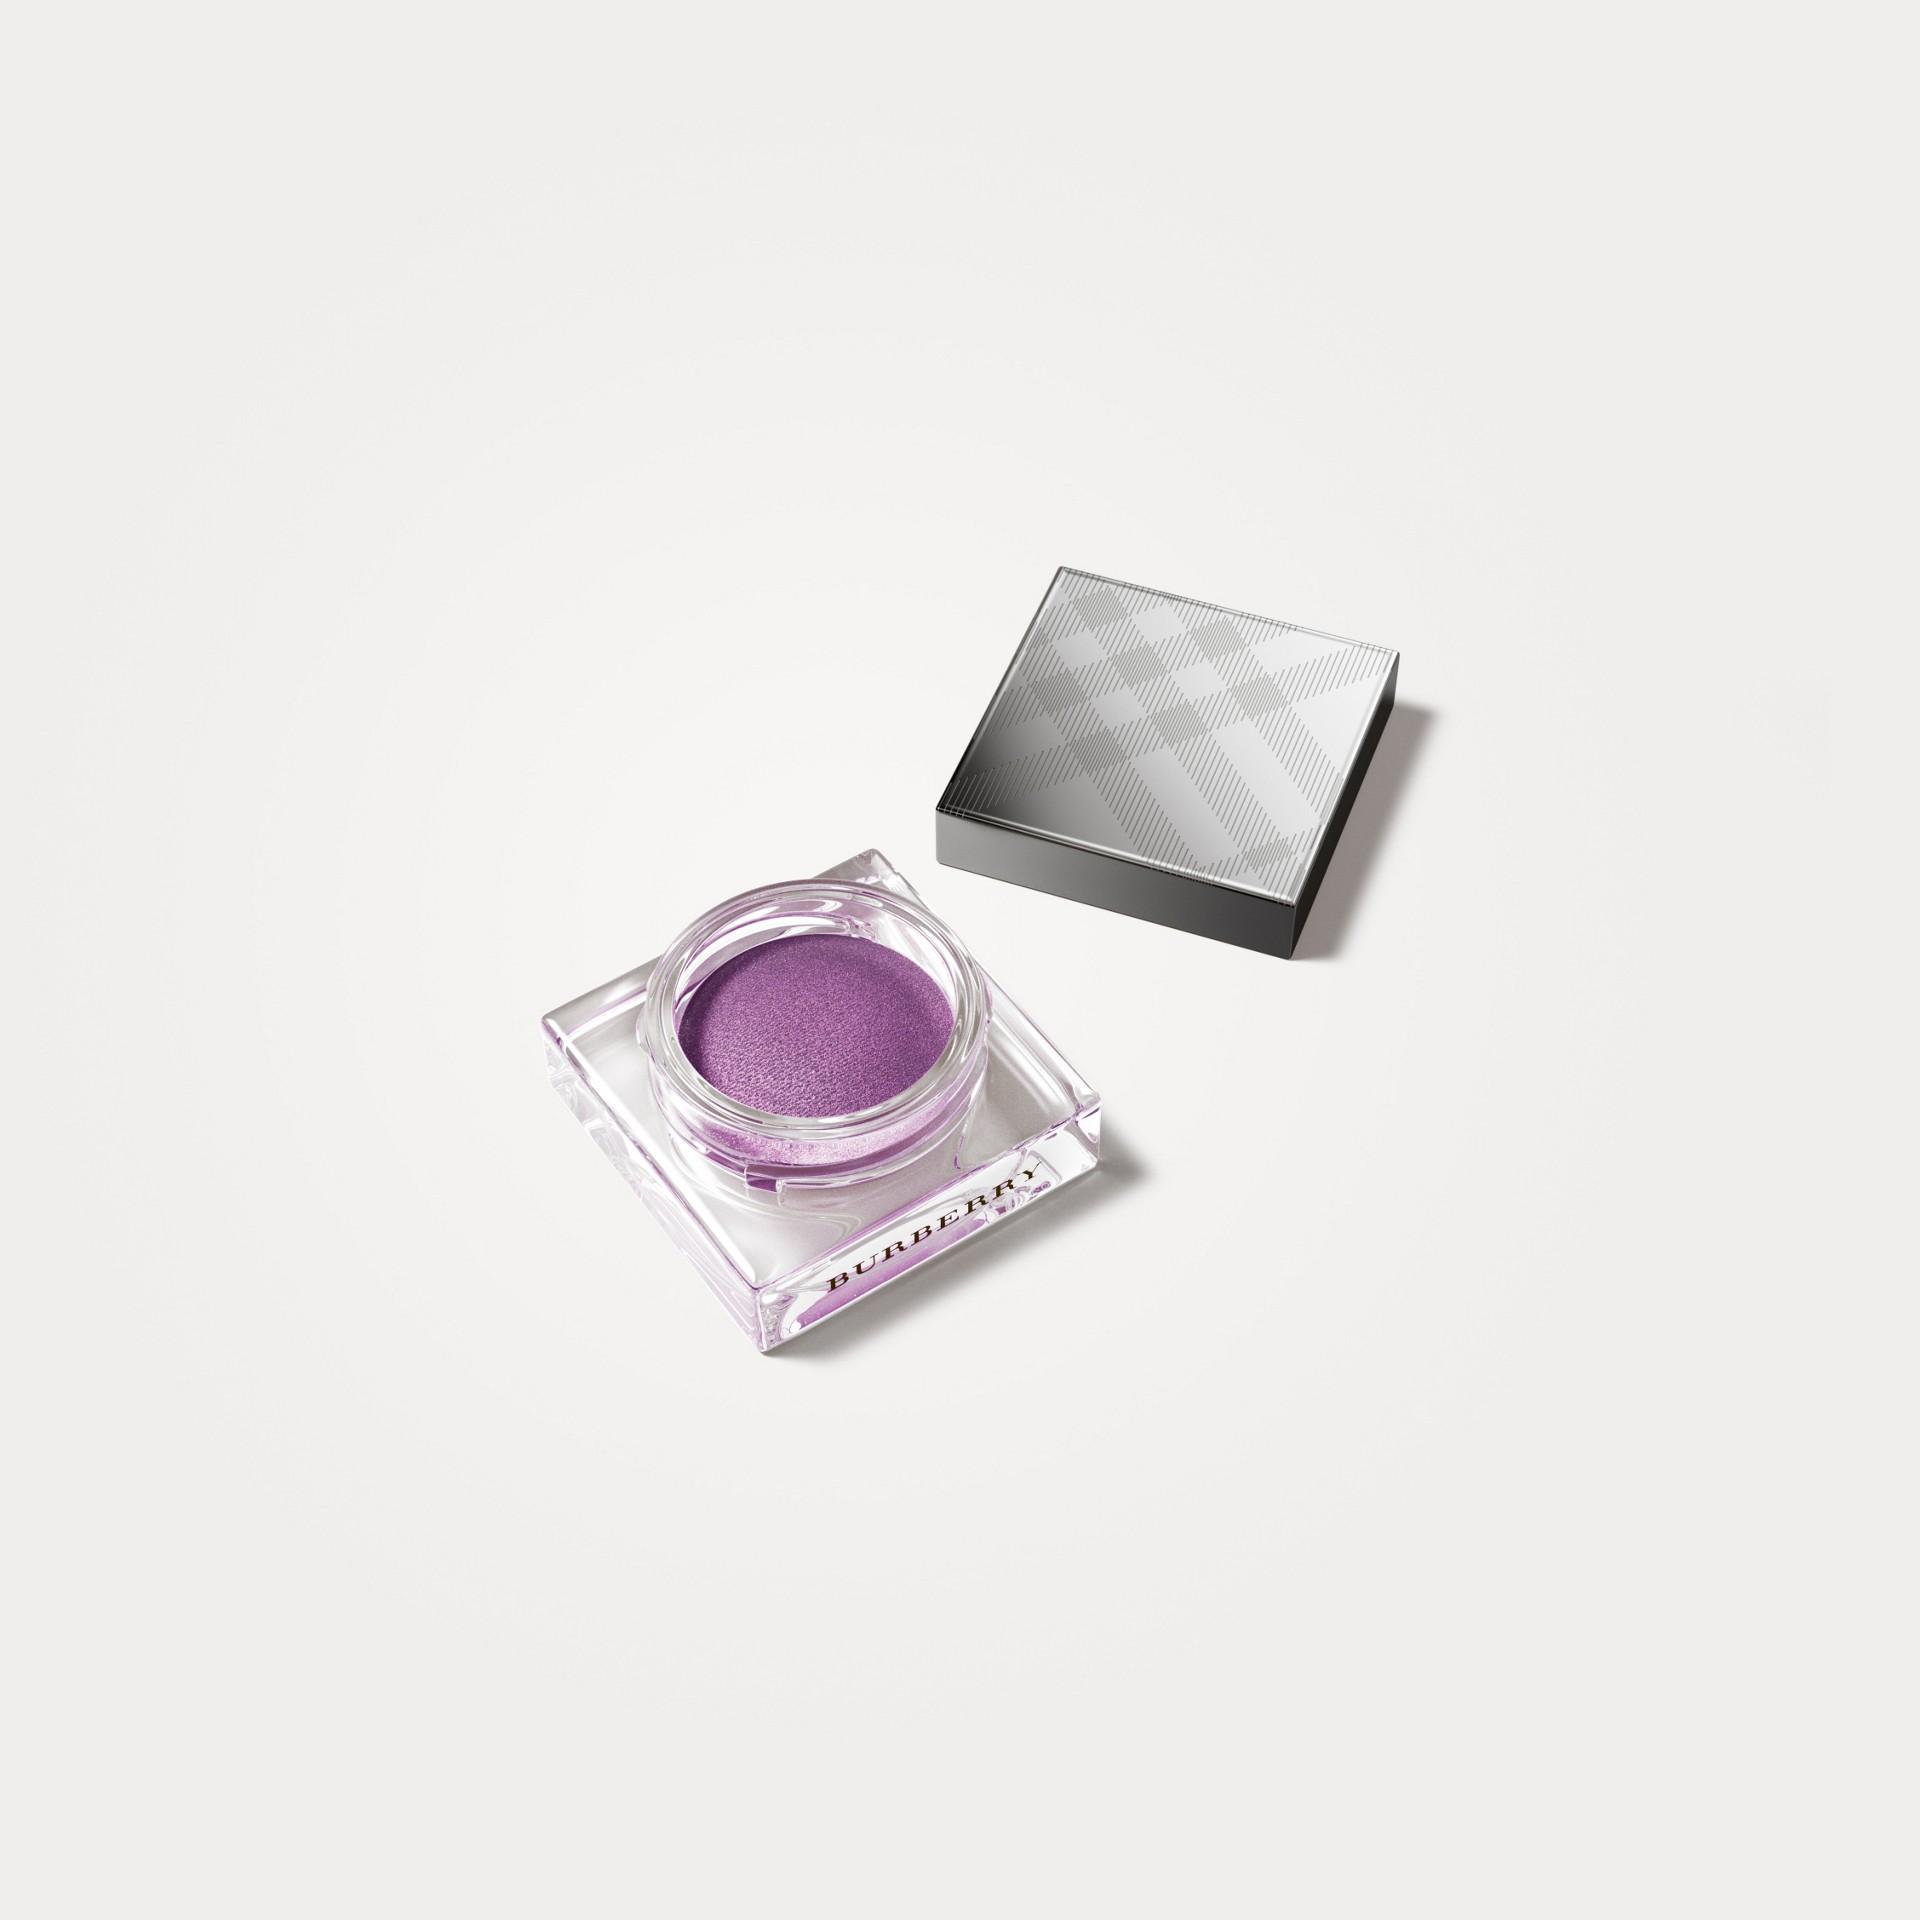 Damson 110 Eye Colour Cream – Damson No.110 - gallery image 1